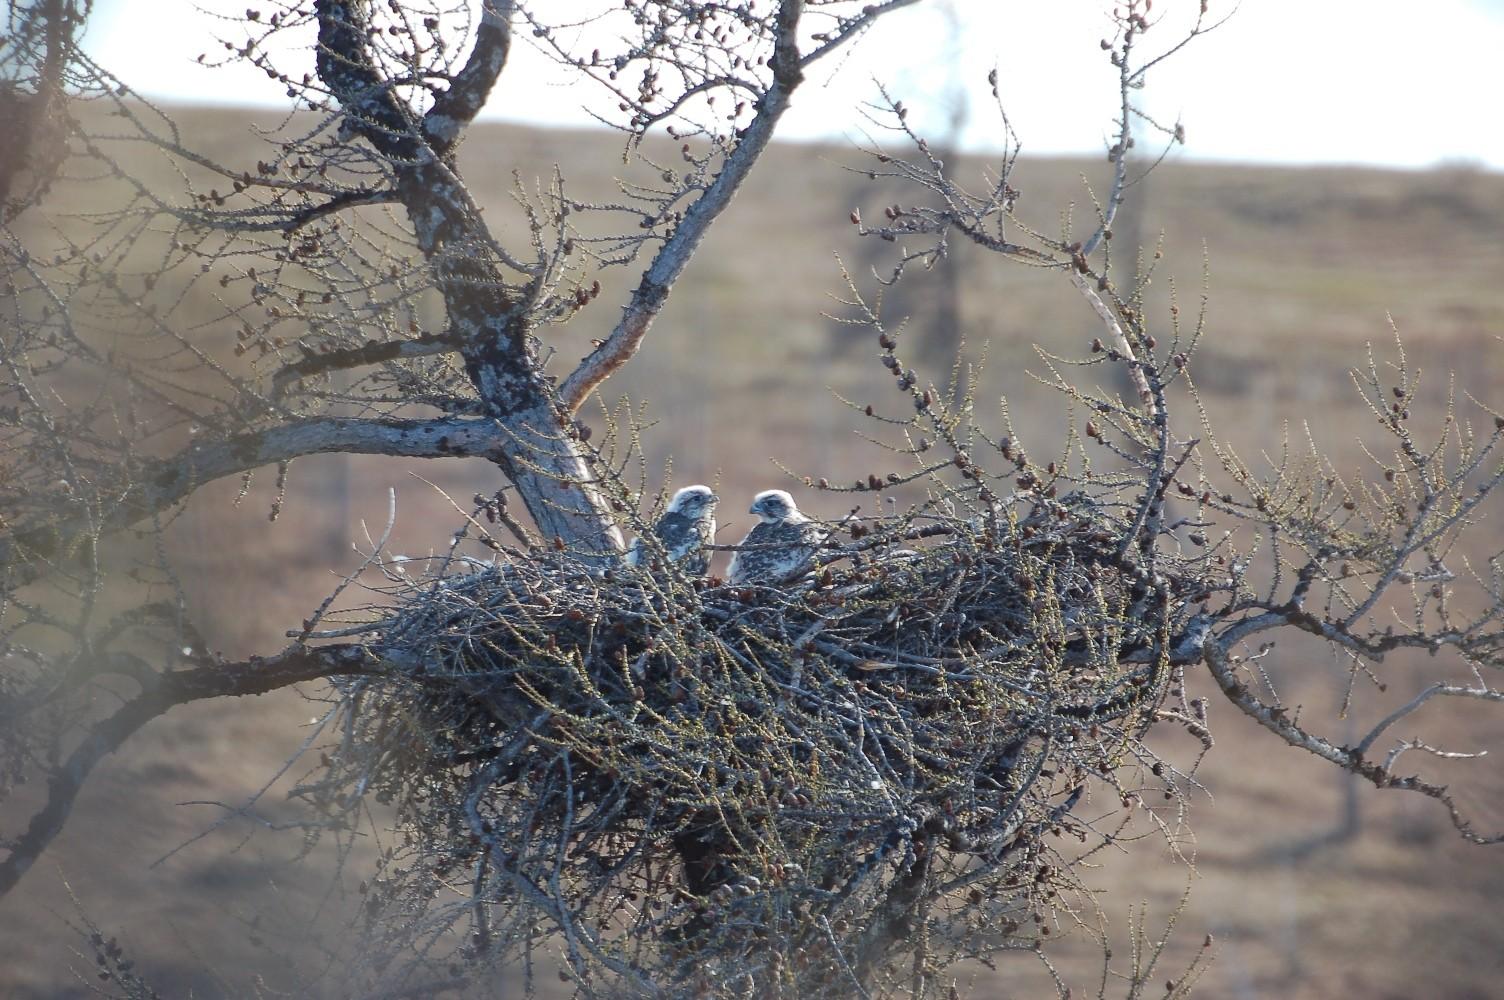 Птенцы кречета в гнезде орлана-белохвоста. Источник p-mechnikova.narod.ru